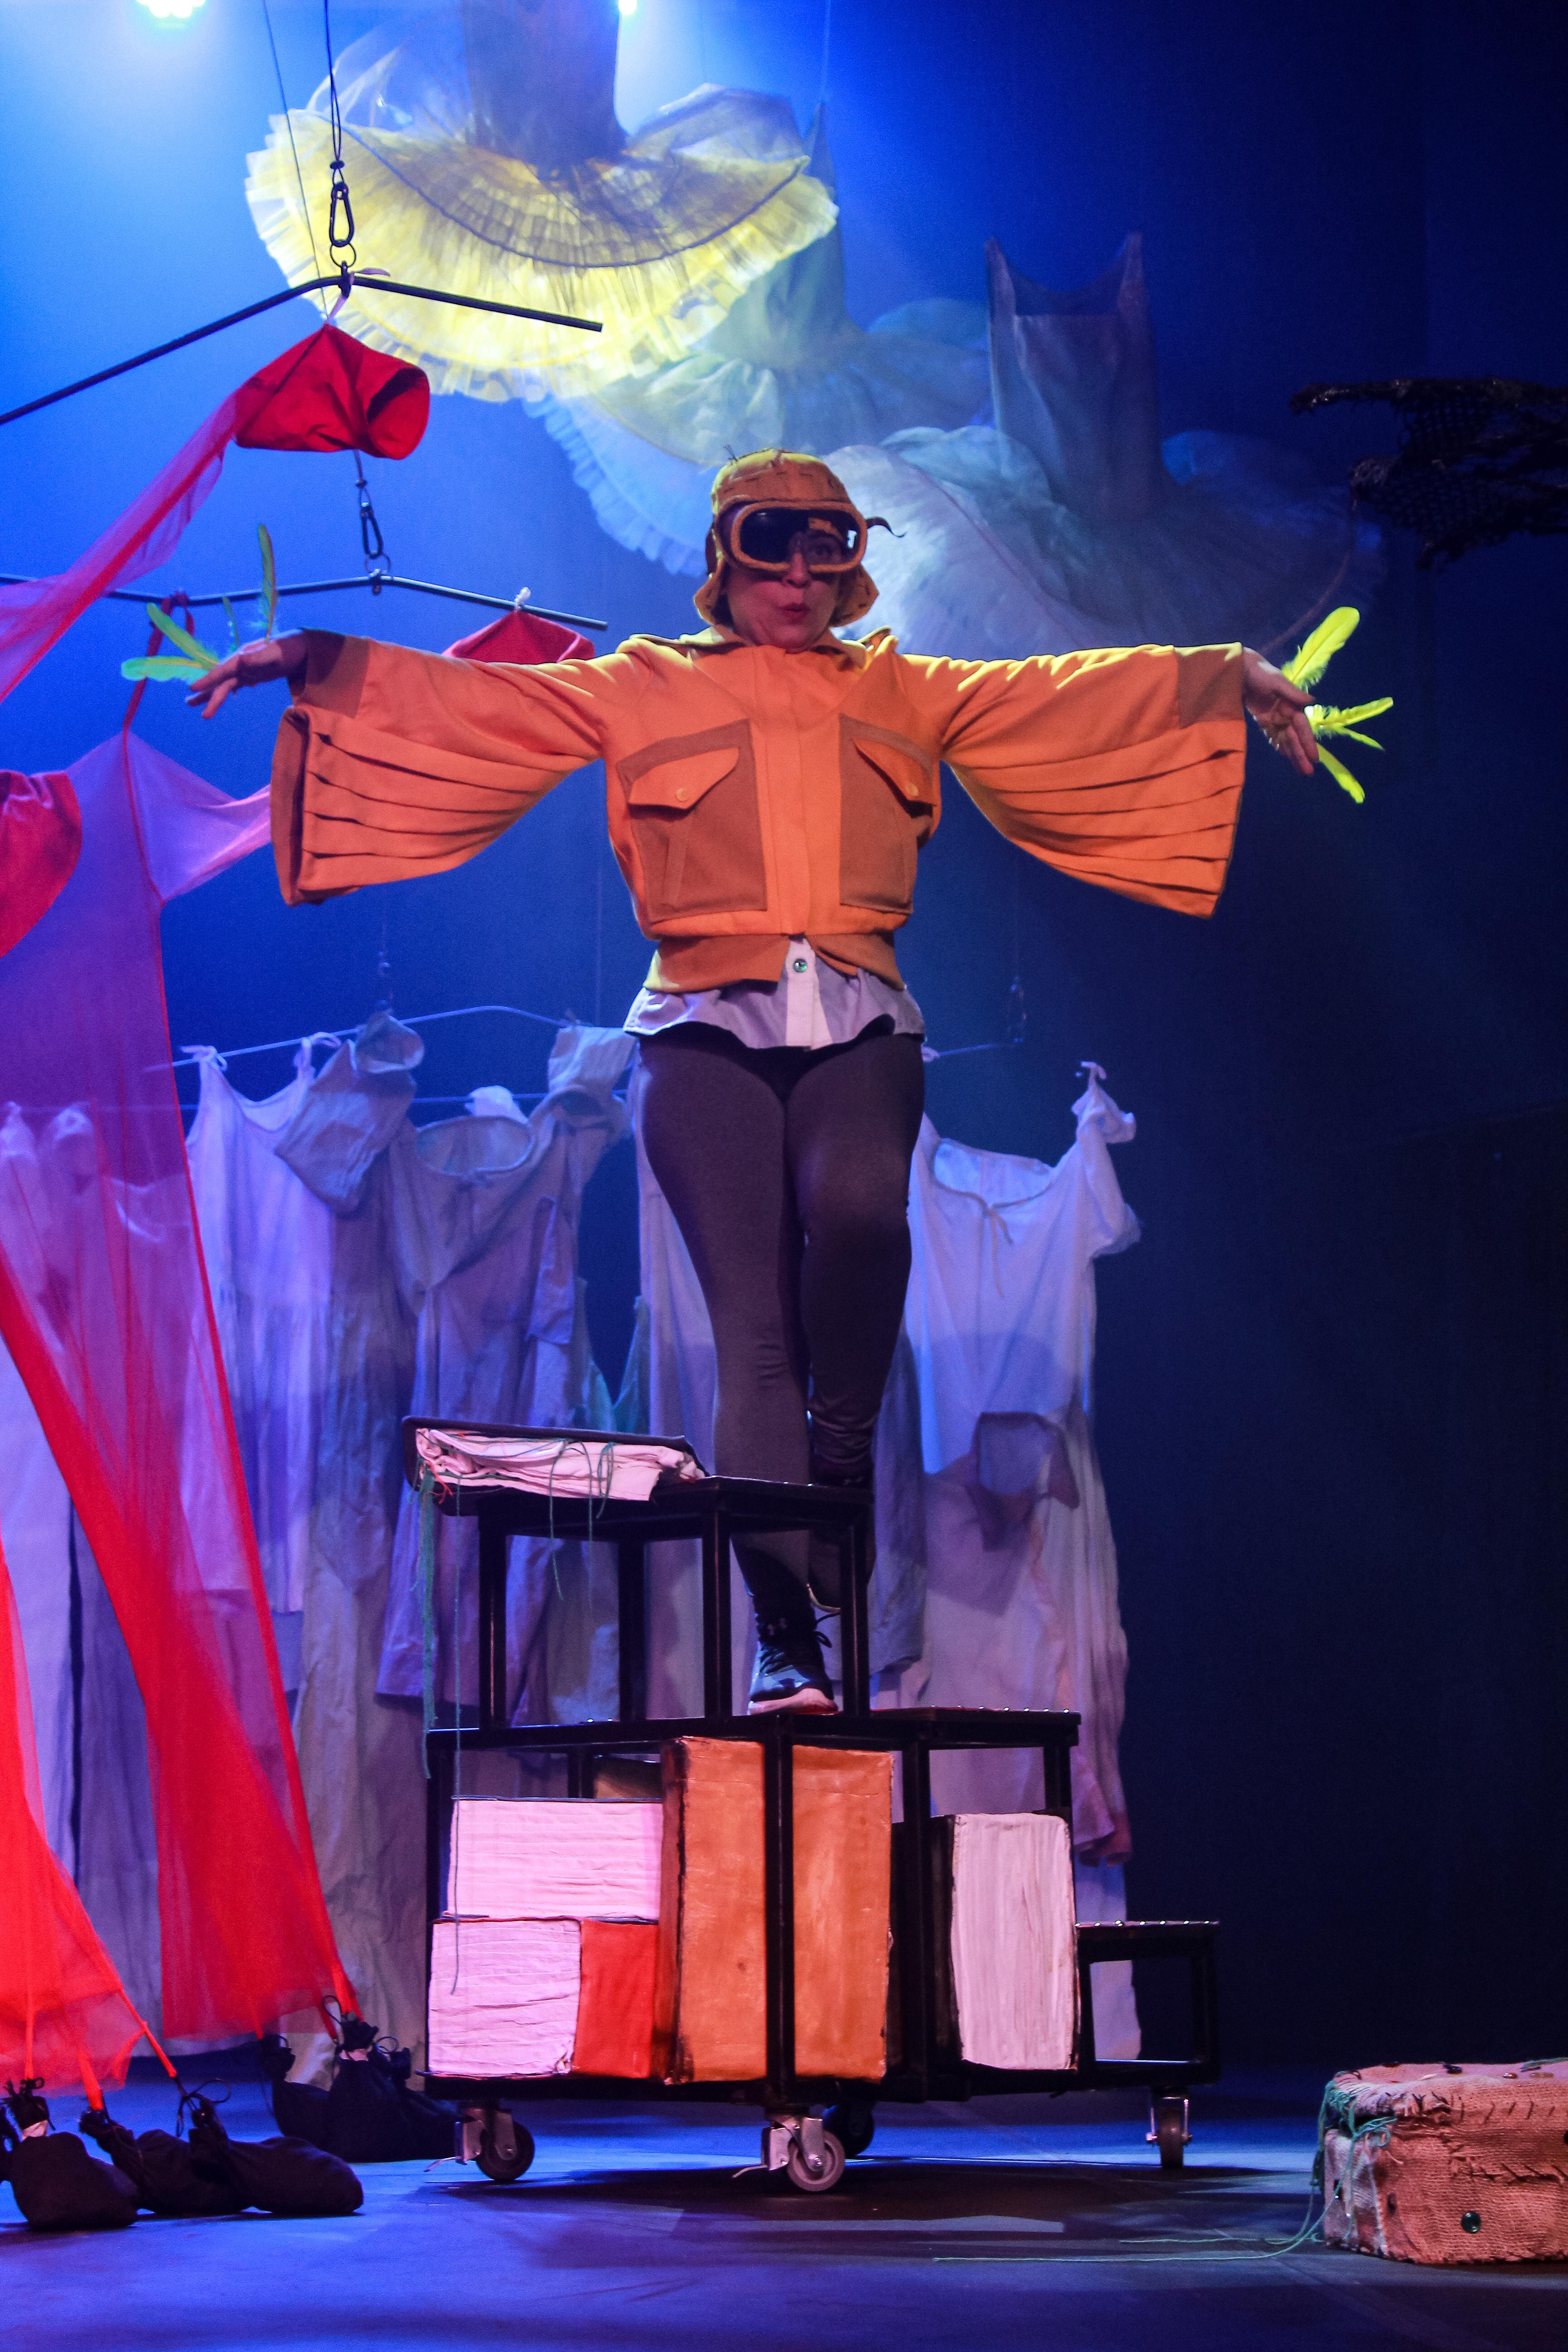 Em palco de teatro, uma mulher fantasiada de pássaro faz pose de voo, em cima de uma superfície com livros